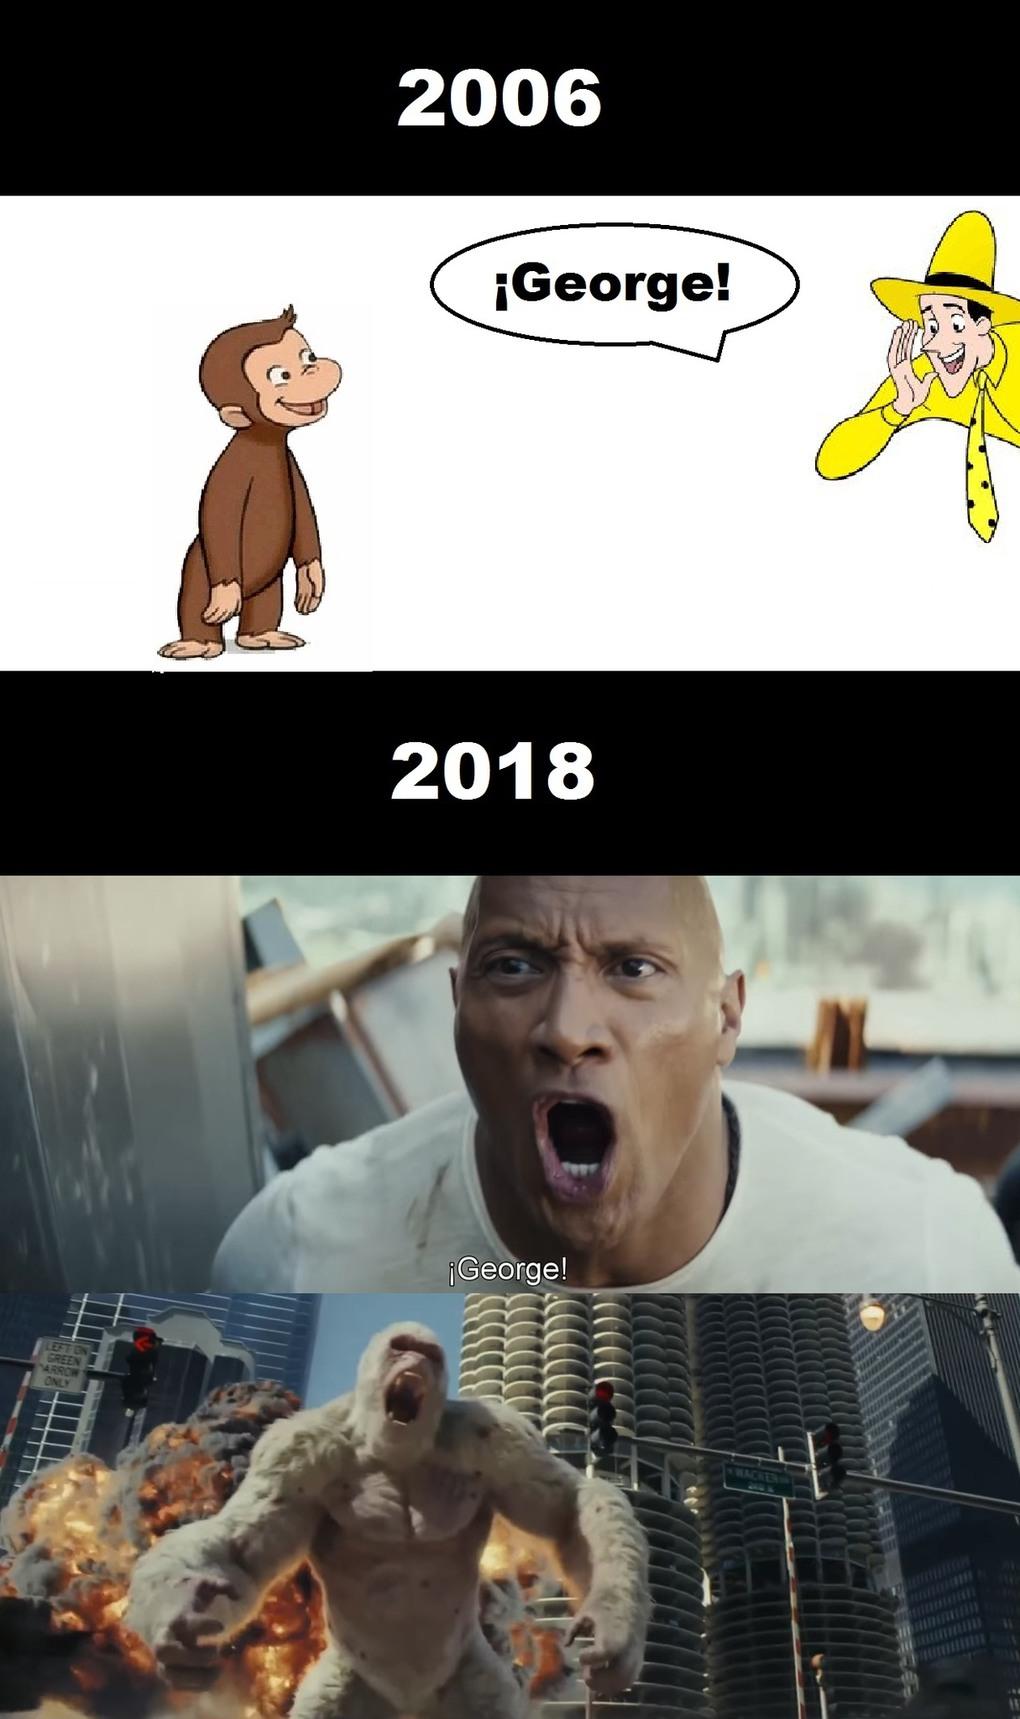 Crecen tan rápido - meme